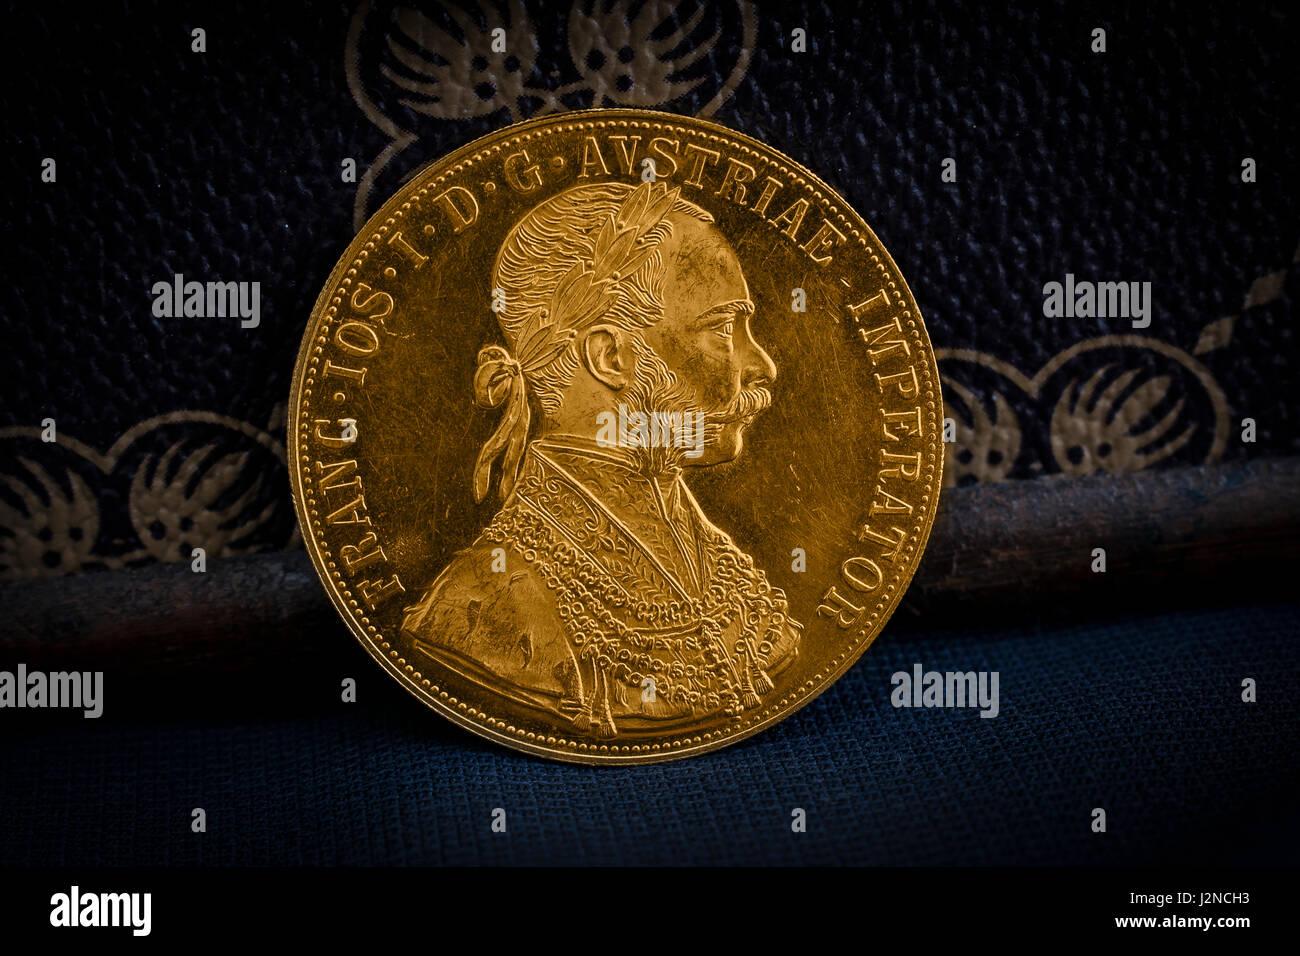 Detailansicht Der Austria Hungary Thaler Avers Der Goldenen Münze